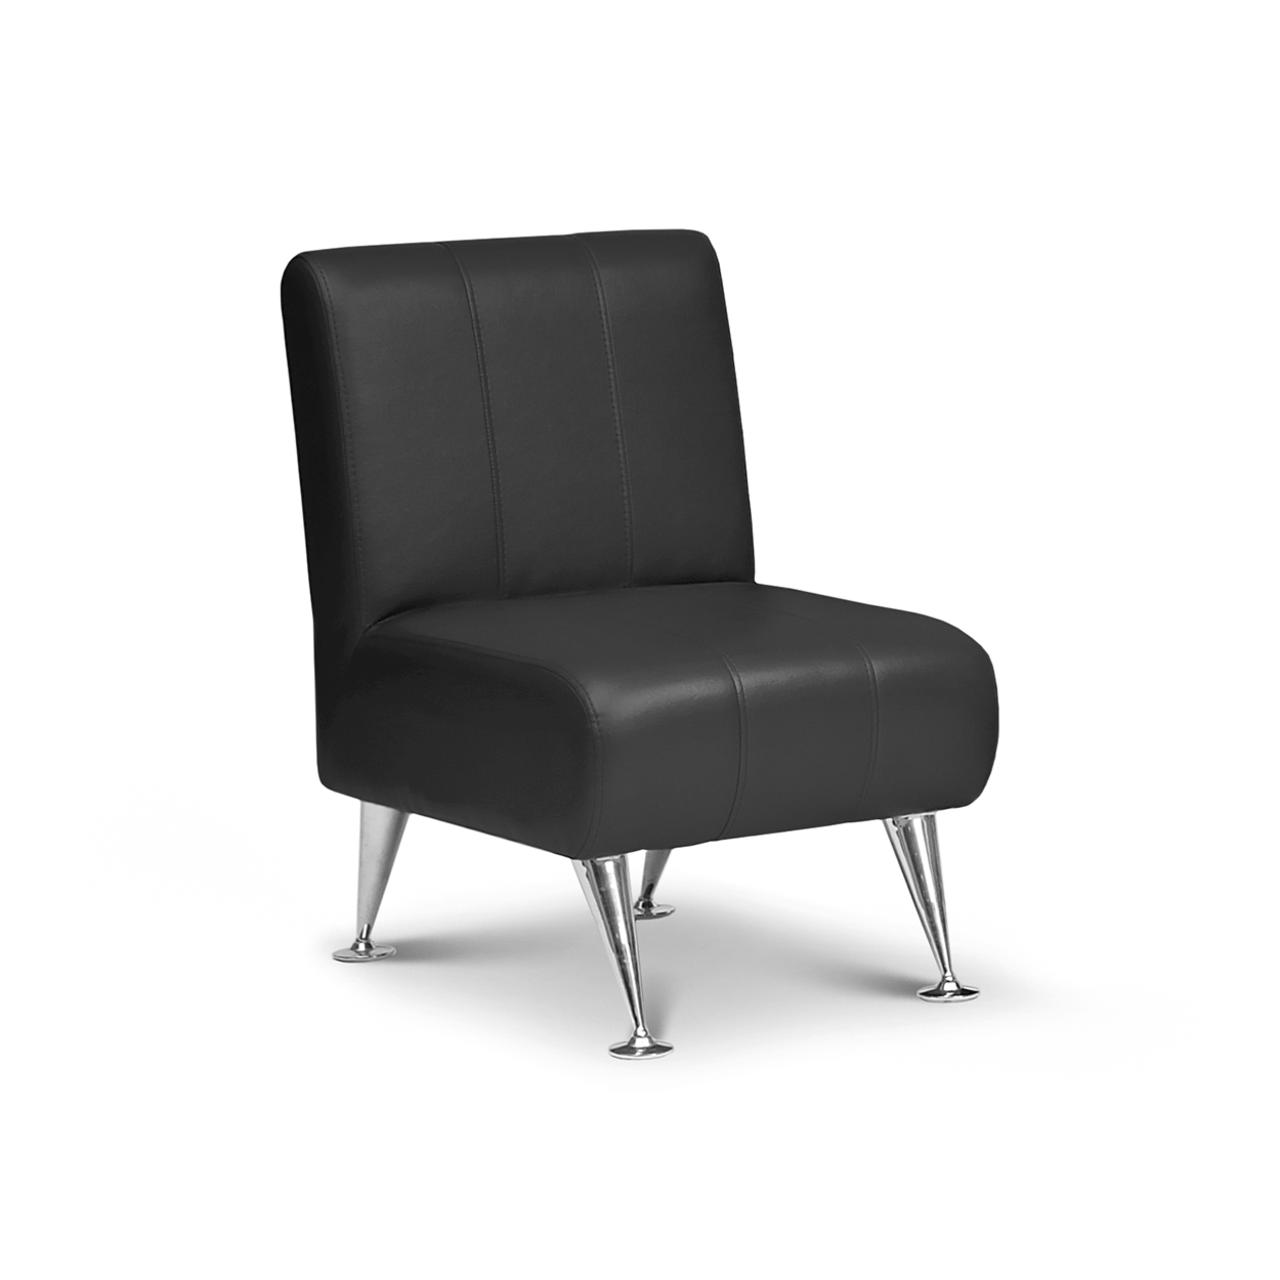 Кресло  Галактика 50x70x81 - фото 1